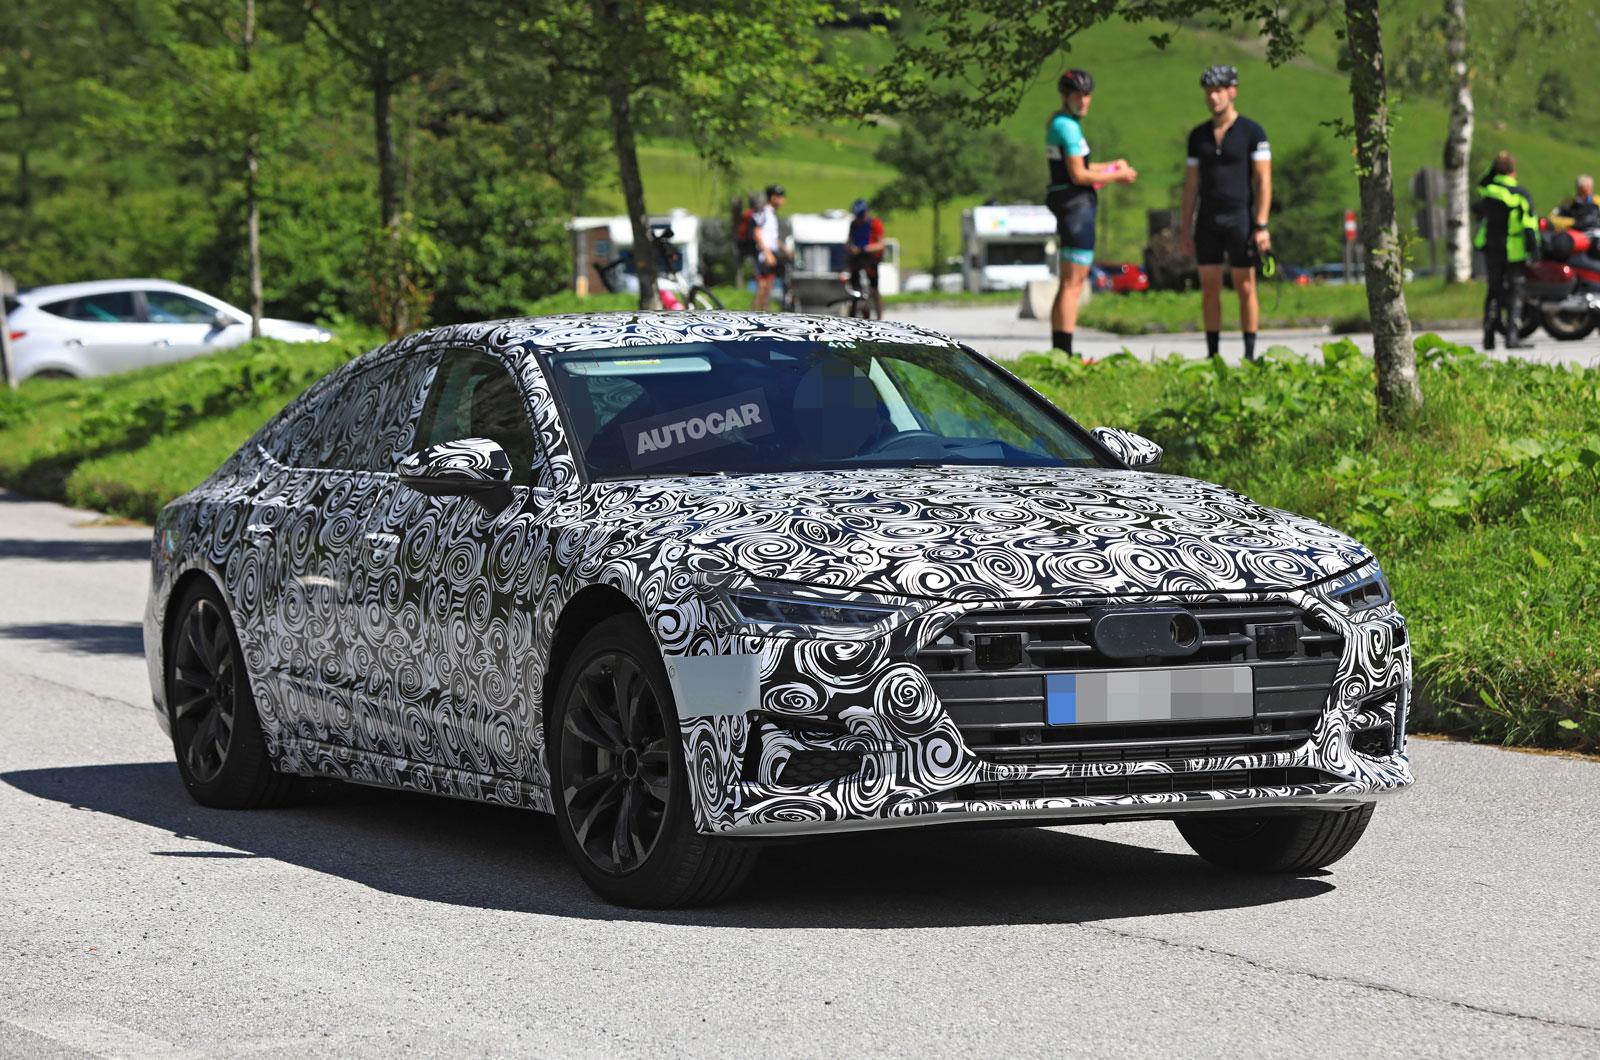 2017 Audi A7 Sportback провела сравнительное тестирование против соперников